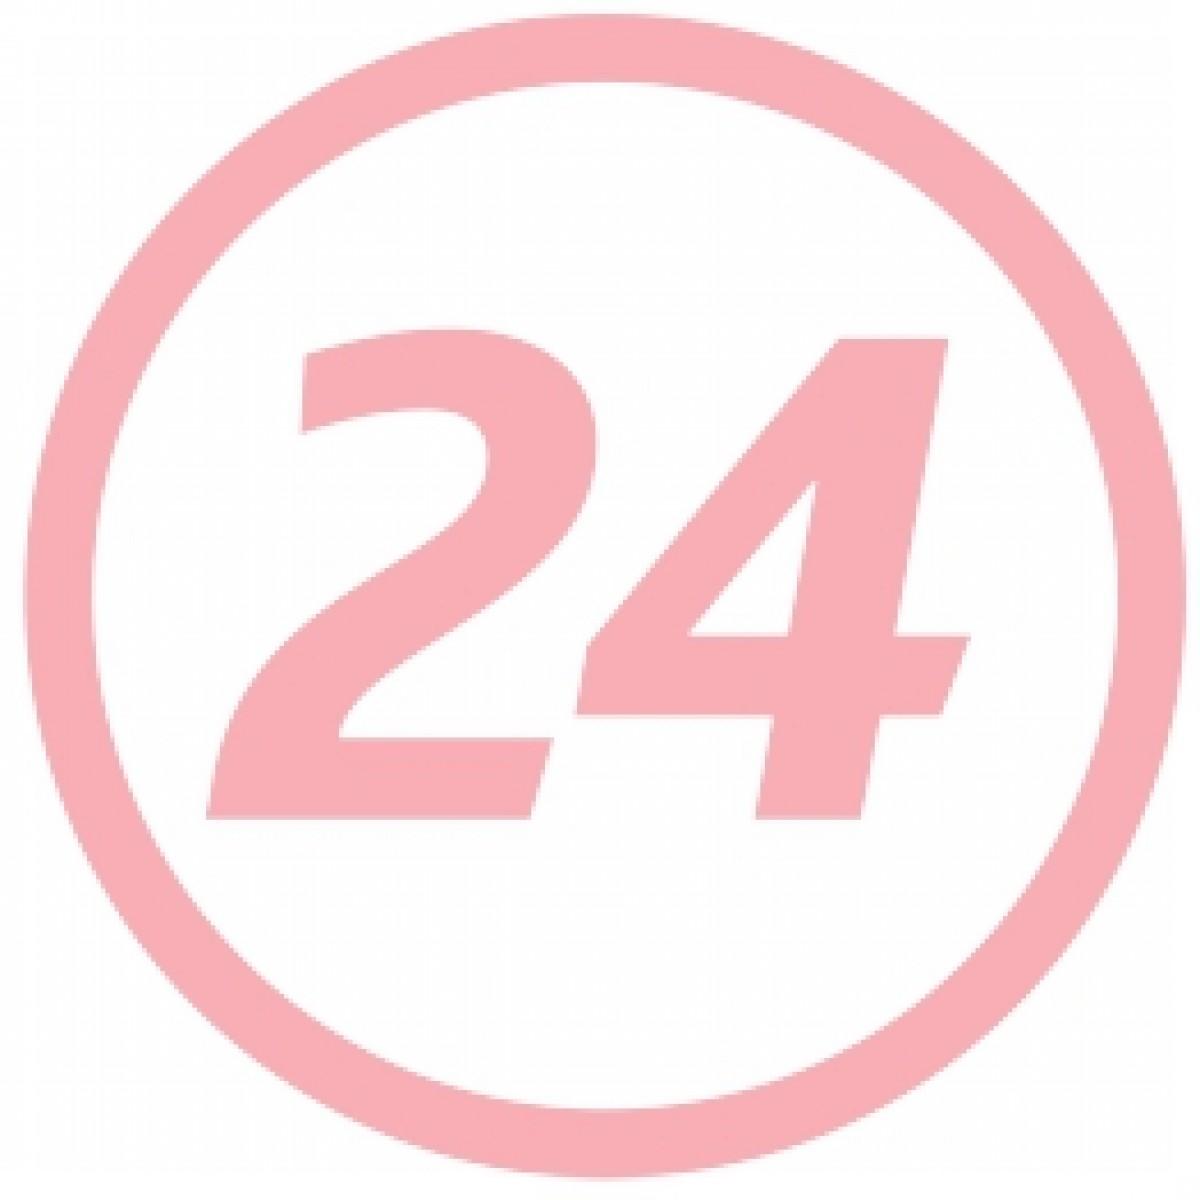 Tommee Tippee Protectoare Pentru Mamelon, Protectoare Mamelon, 2buc